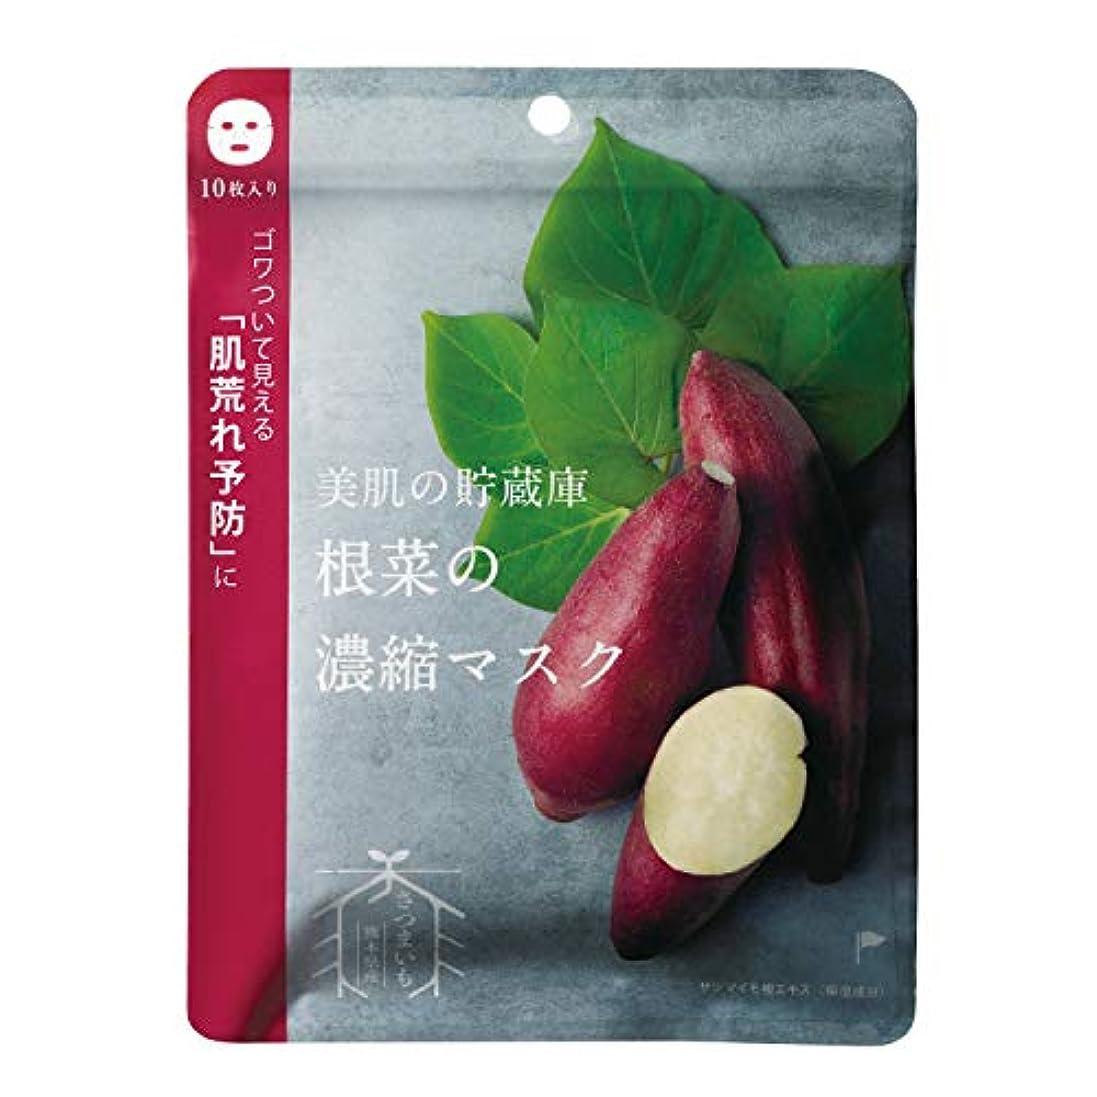 ウサギ厳密に真実@cosme nippon 美肌の貯蔵庫 根菜の濃縮マスク 安納いも 10枚 160ml